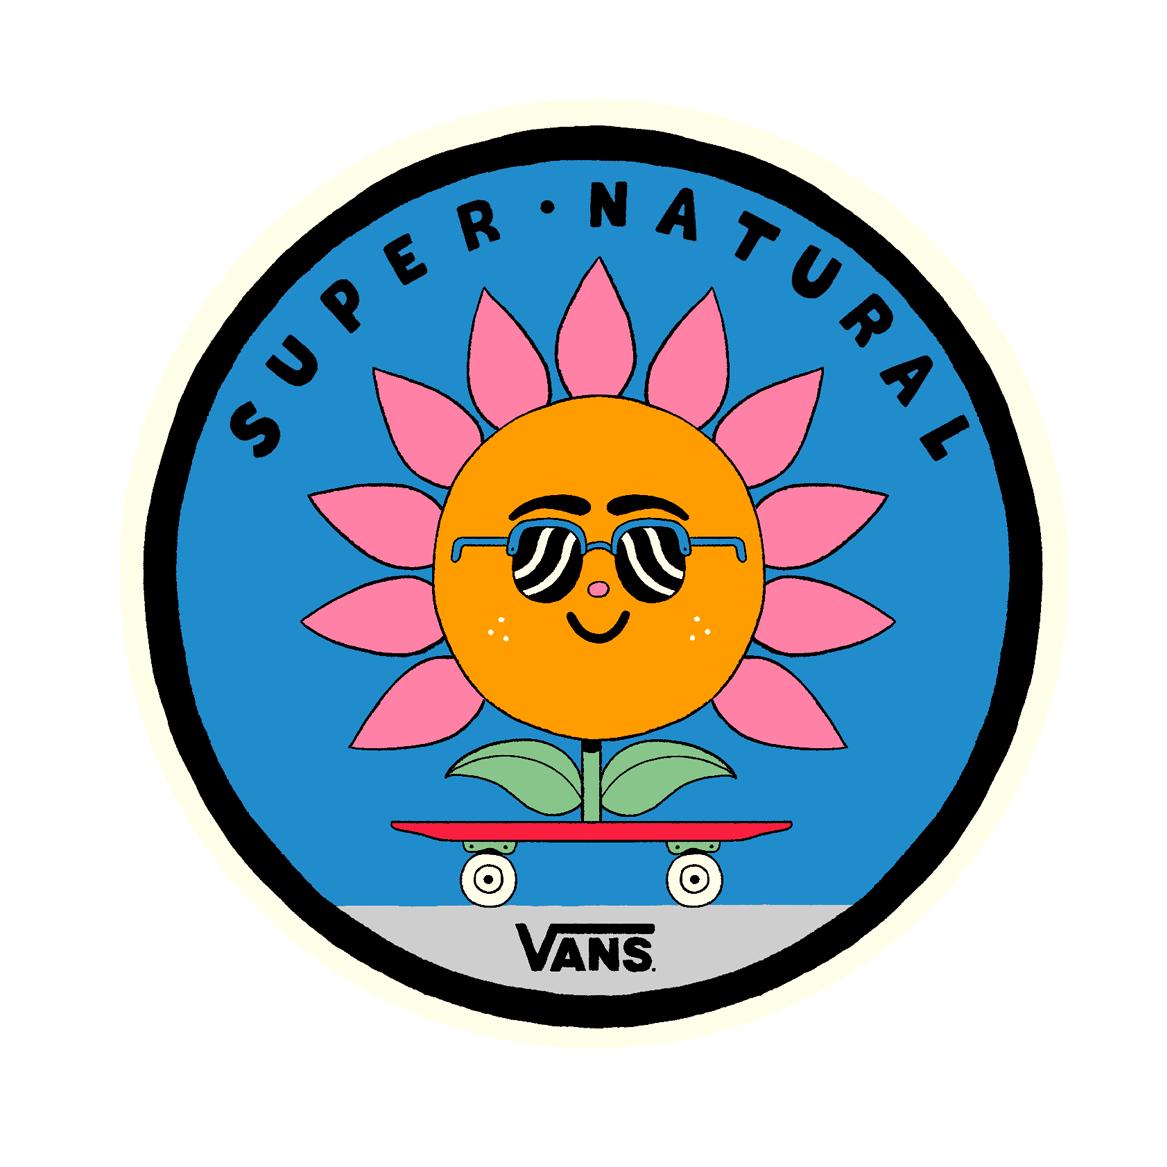 Loveblood - SMG - vans - sticker 1 (1).png